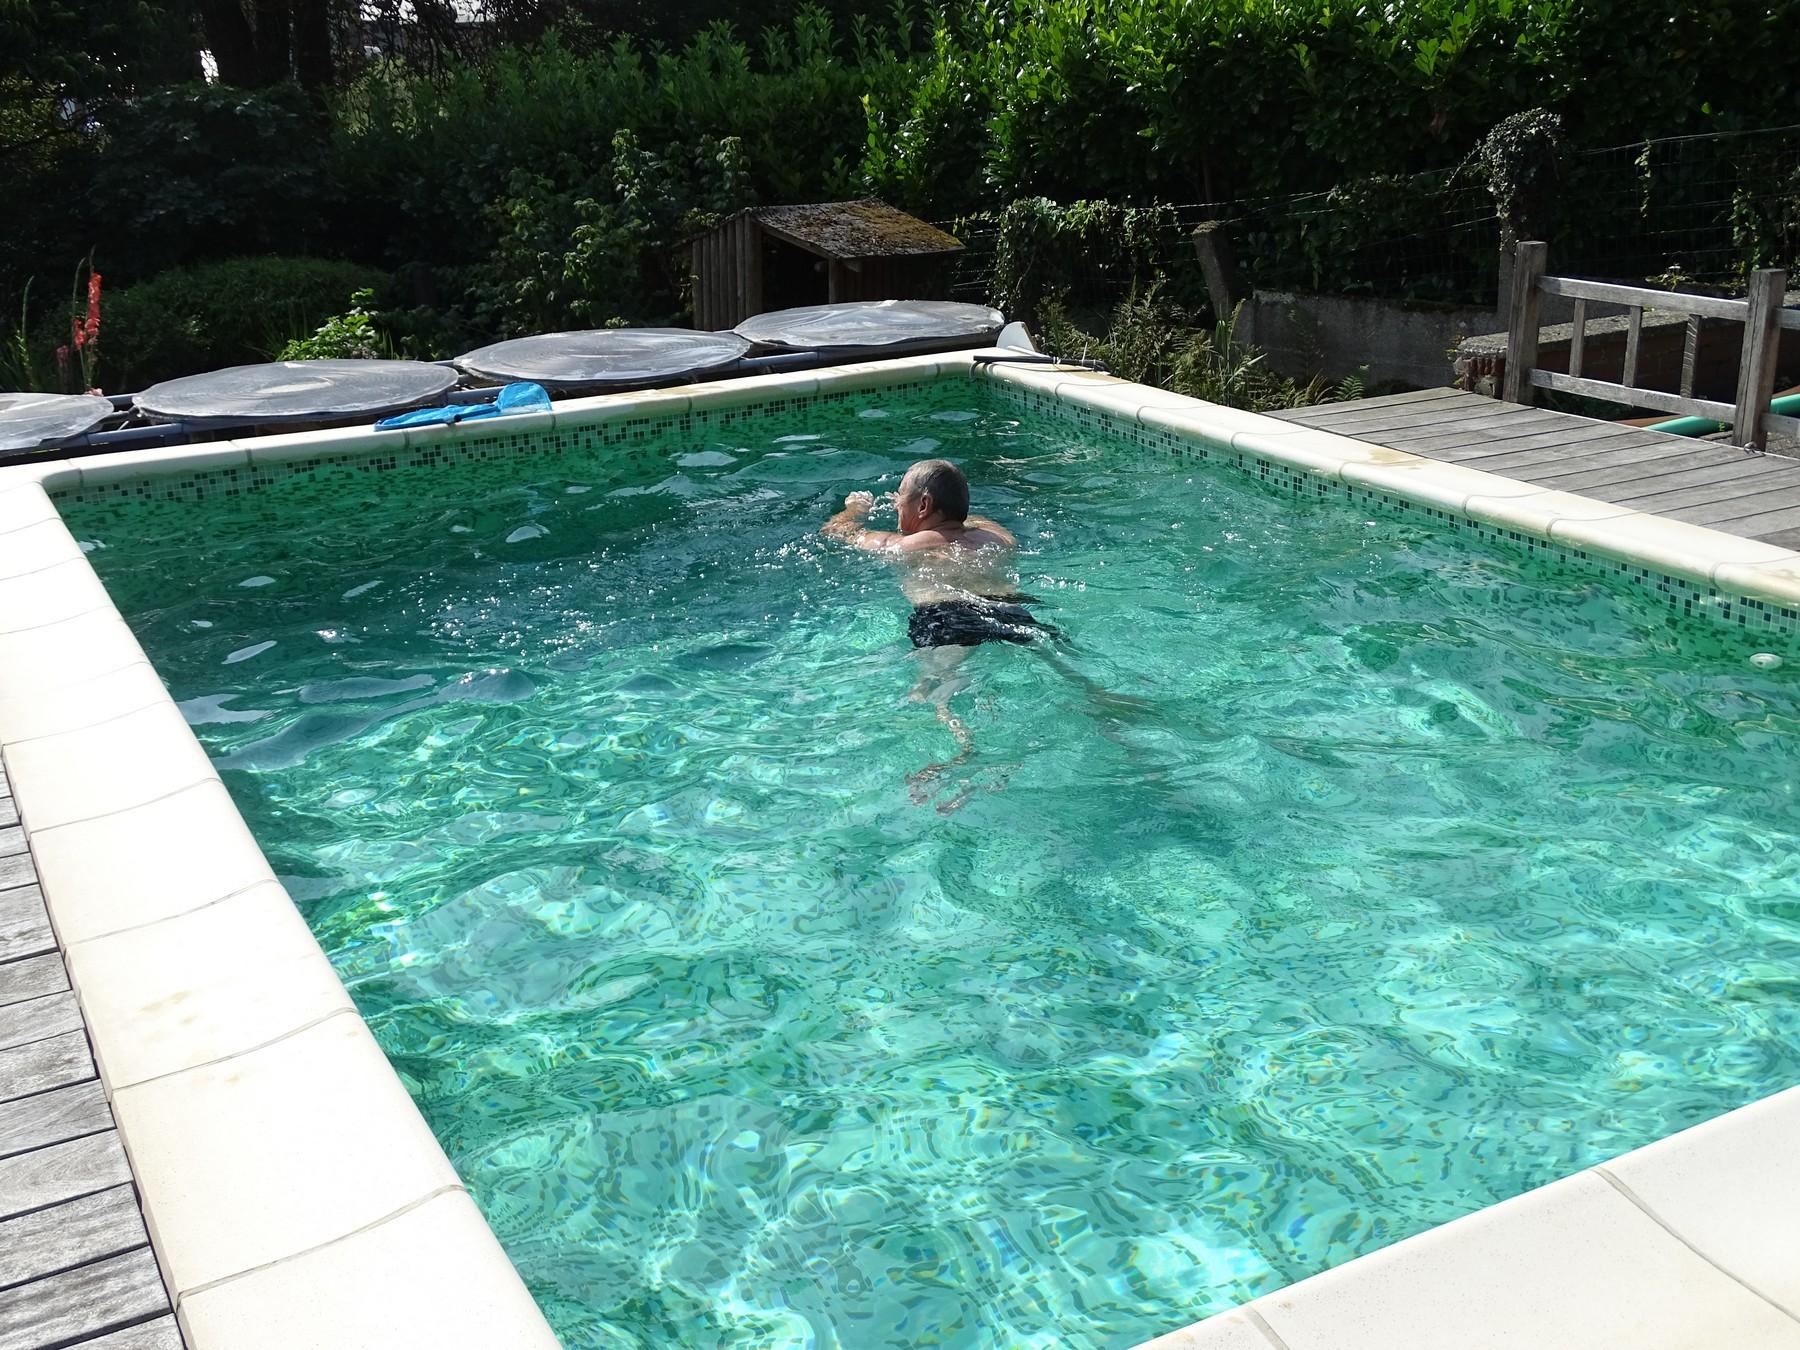 La piscine de bubu nouvelles for Trop de chlore piscine